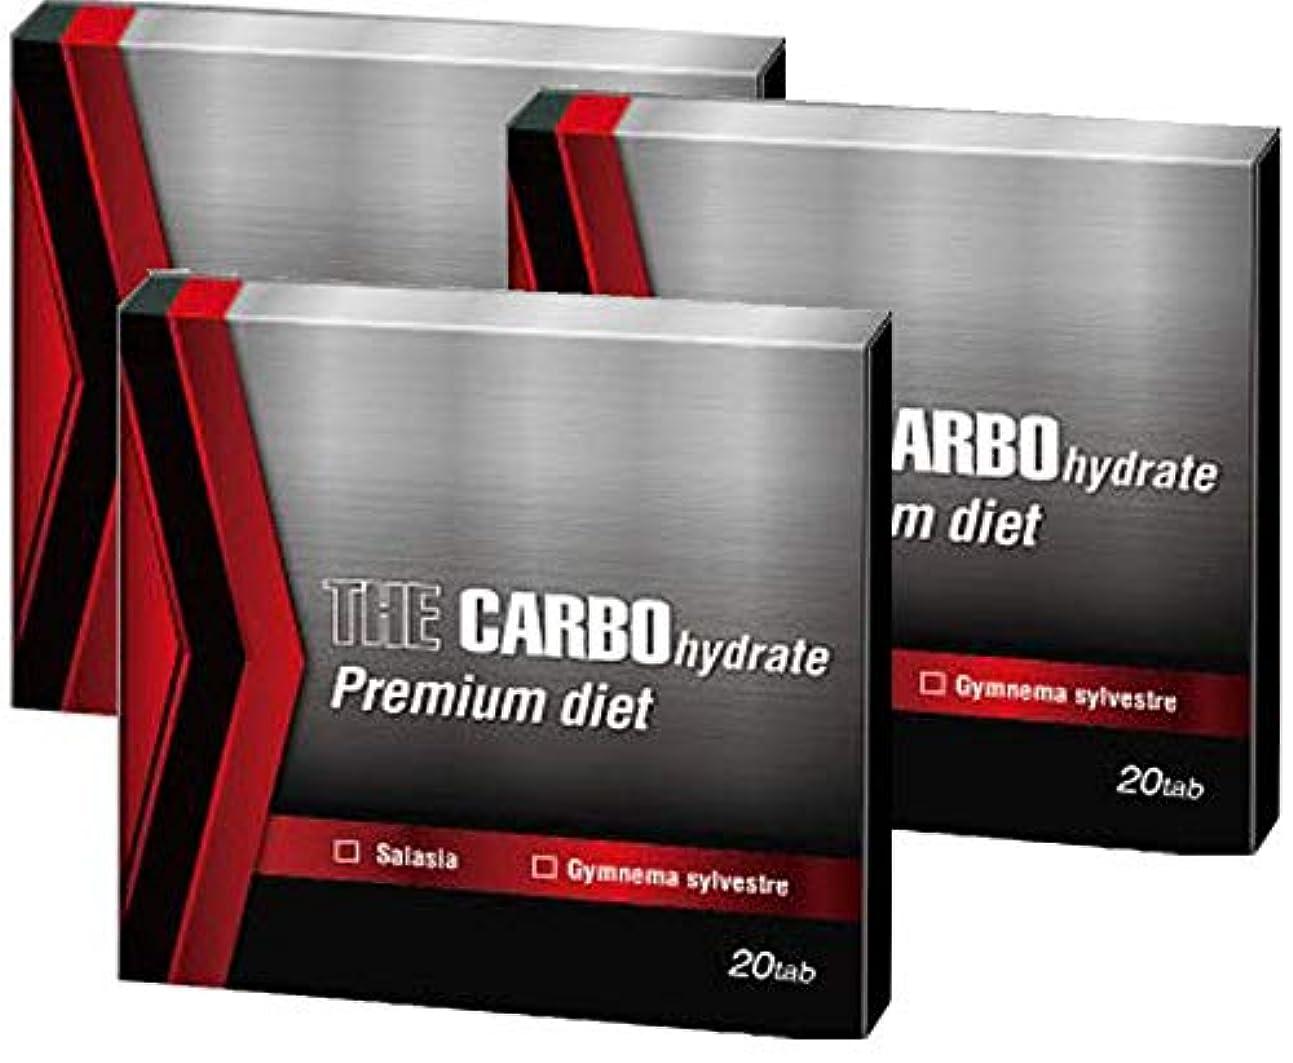 解説めったにお勧めザ?糖質プレミアムダイエット20Tab×3箱セット〔THE CARBO hydrate Premium daiet〕